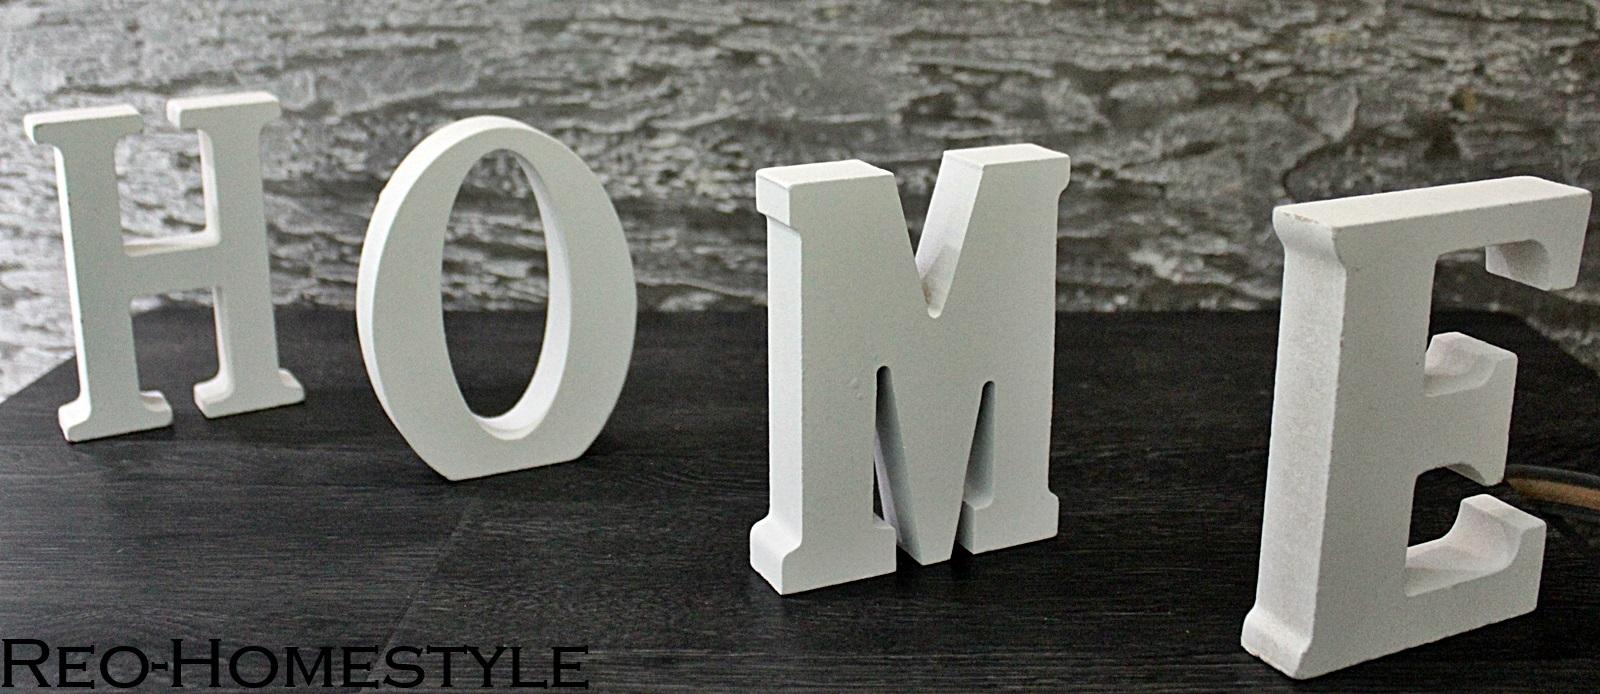 deko buchstaben home holz deko wei shabby chic holzbuchstaben vintage ebay. Black Bedroom Furniture Sets. Home Design Ideas